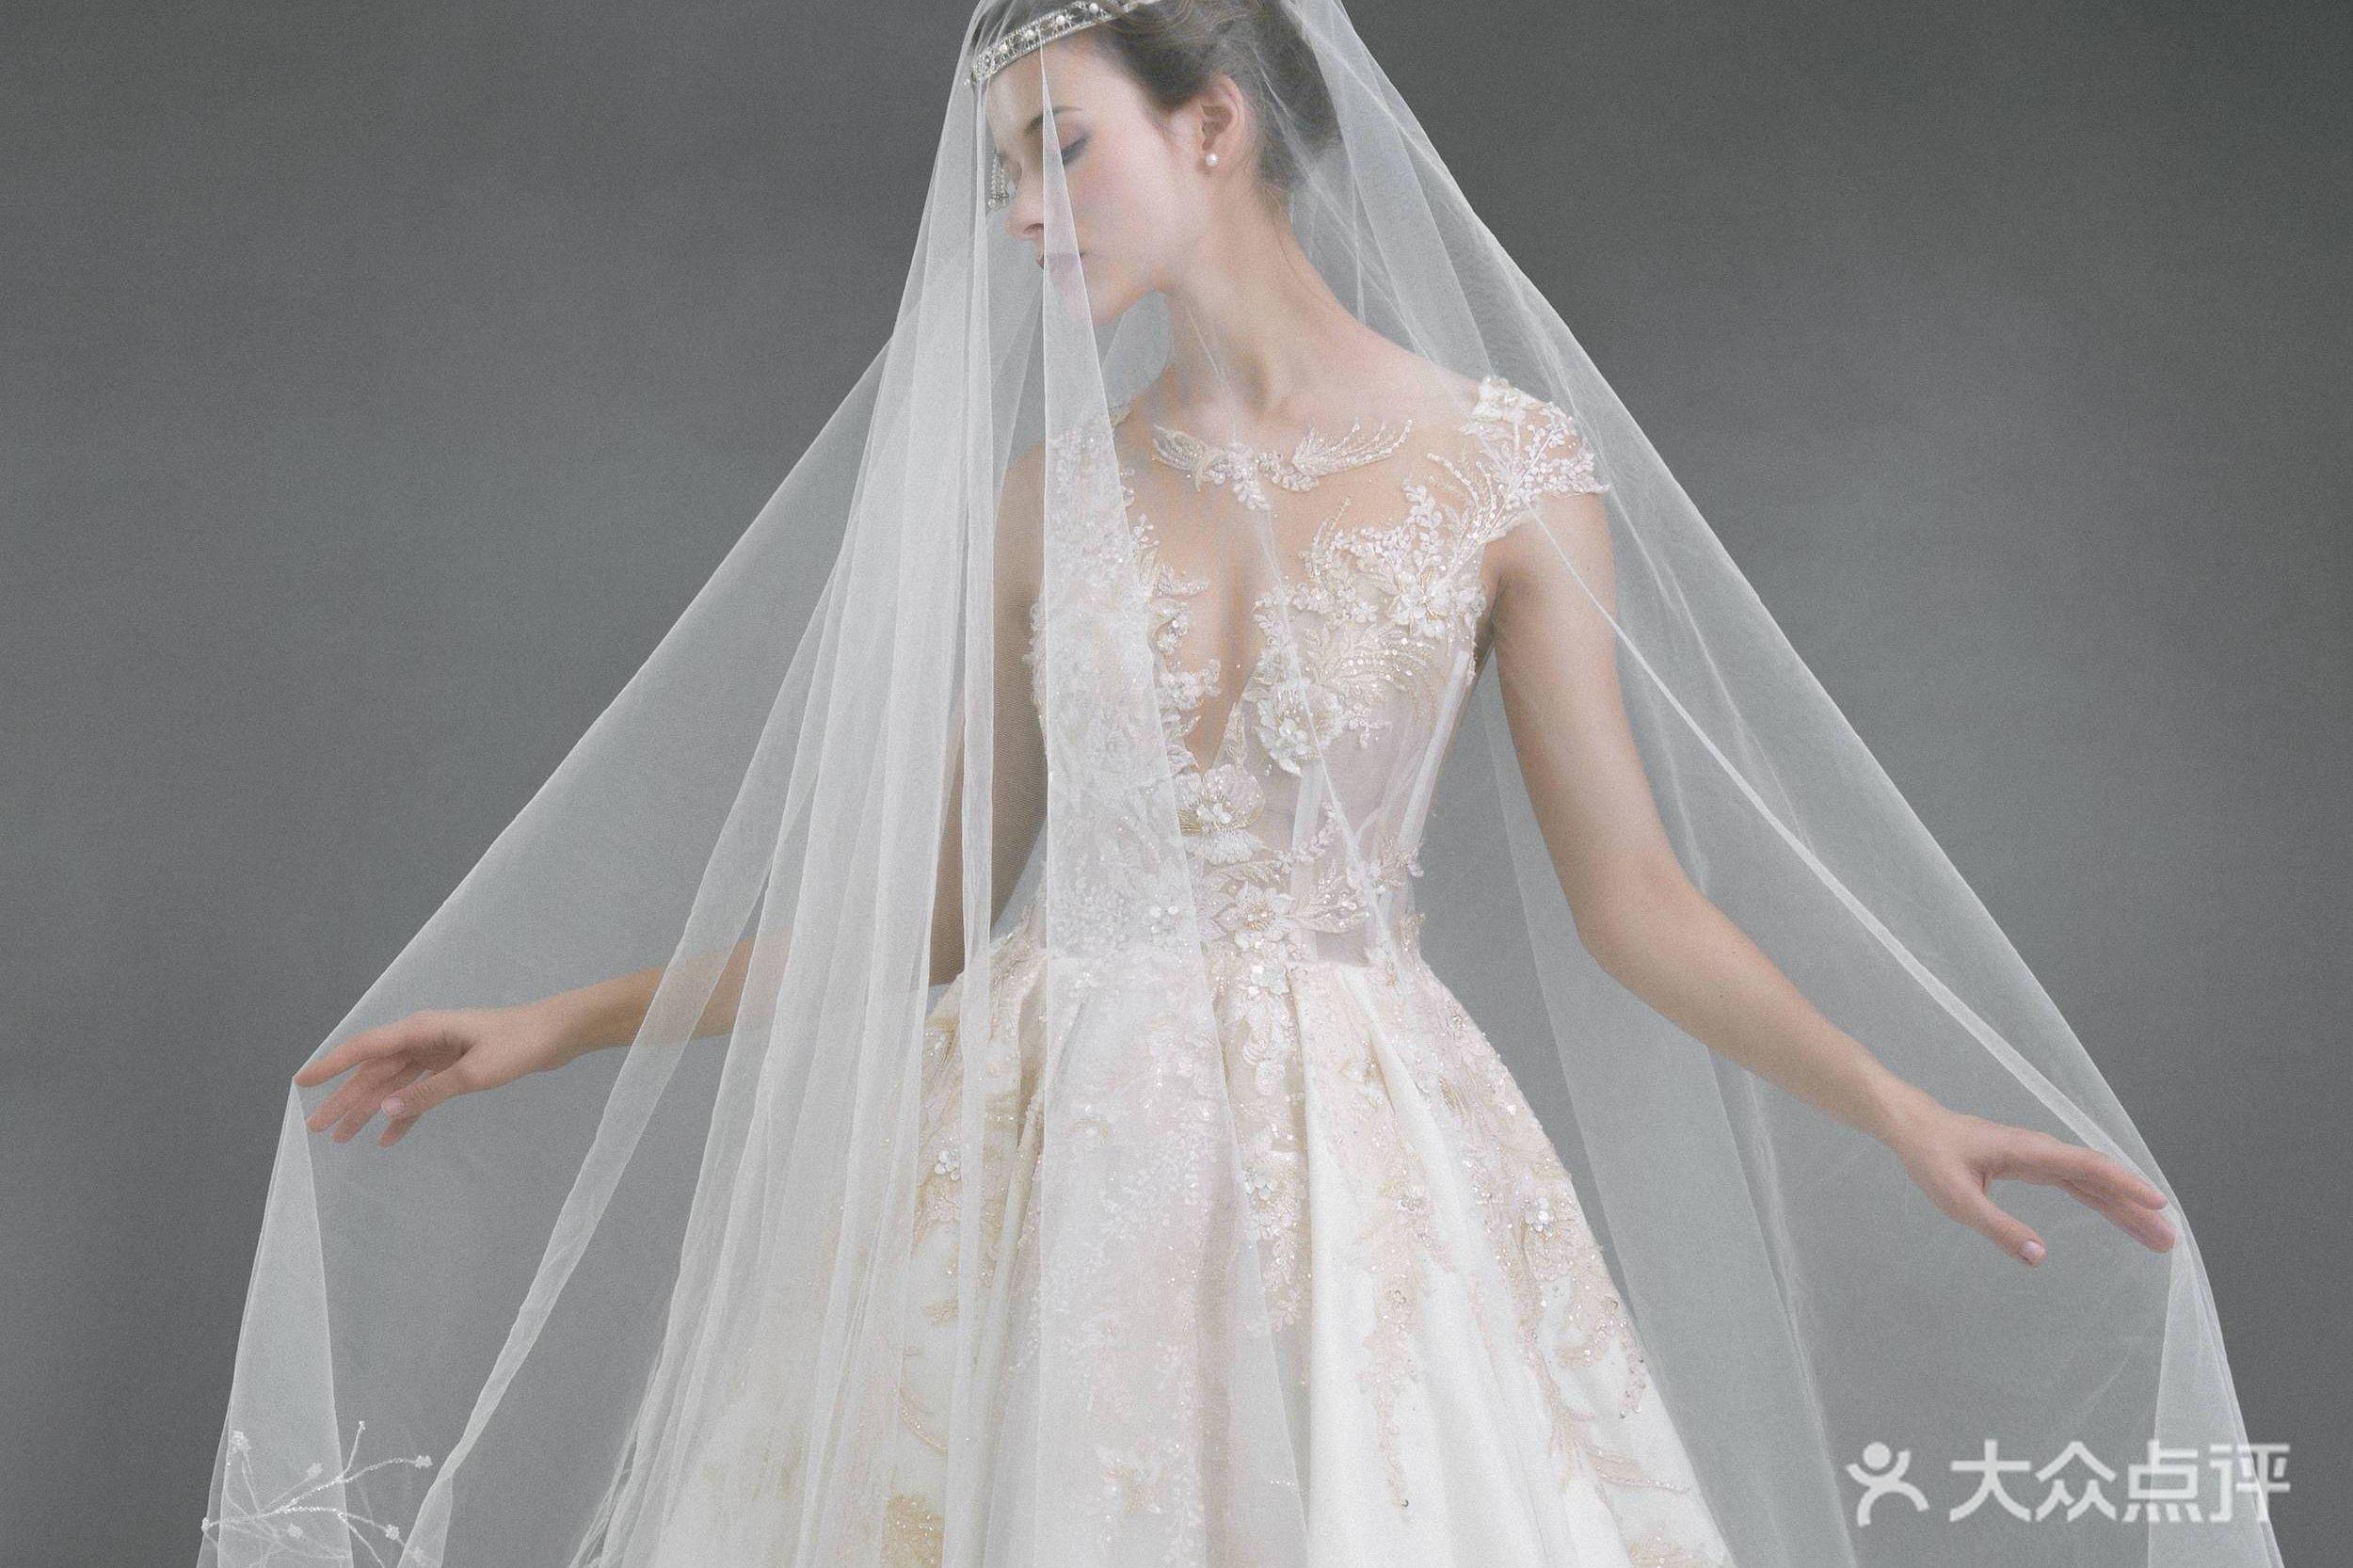 王妃婚纱礼服PRINCESS BRIDE的图片